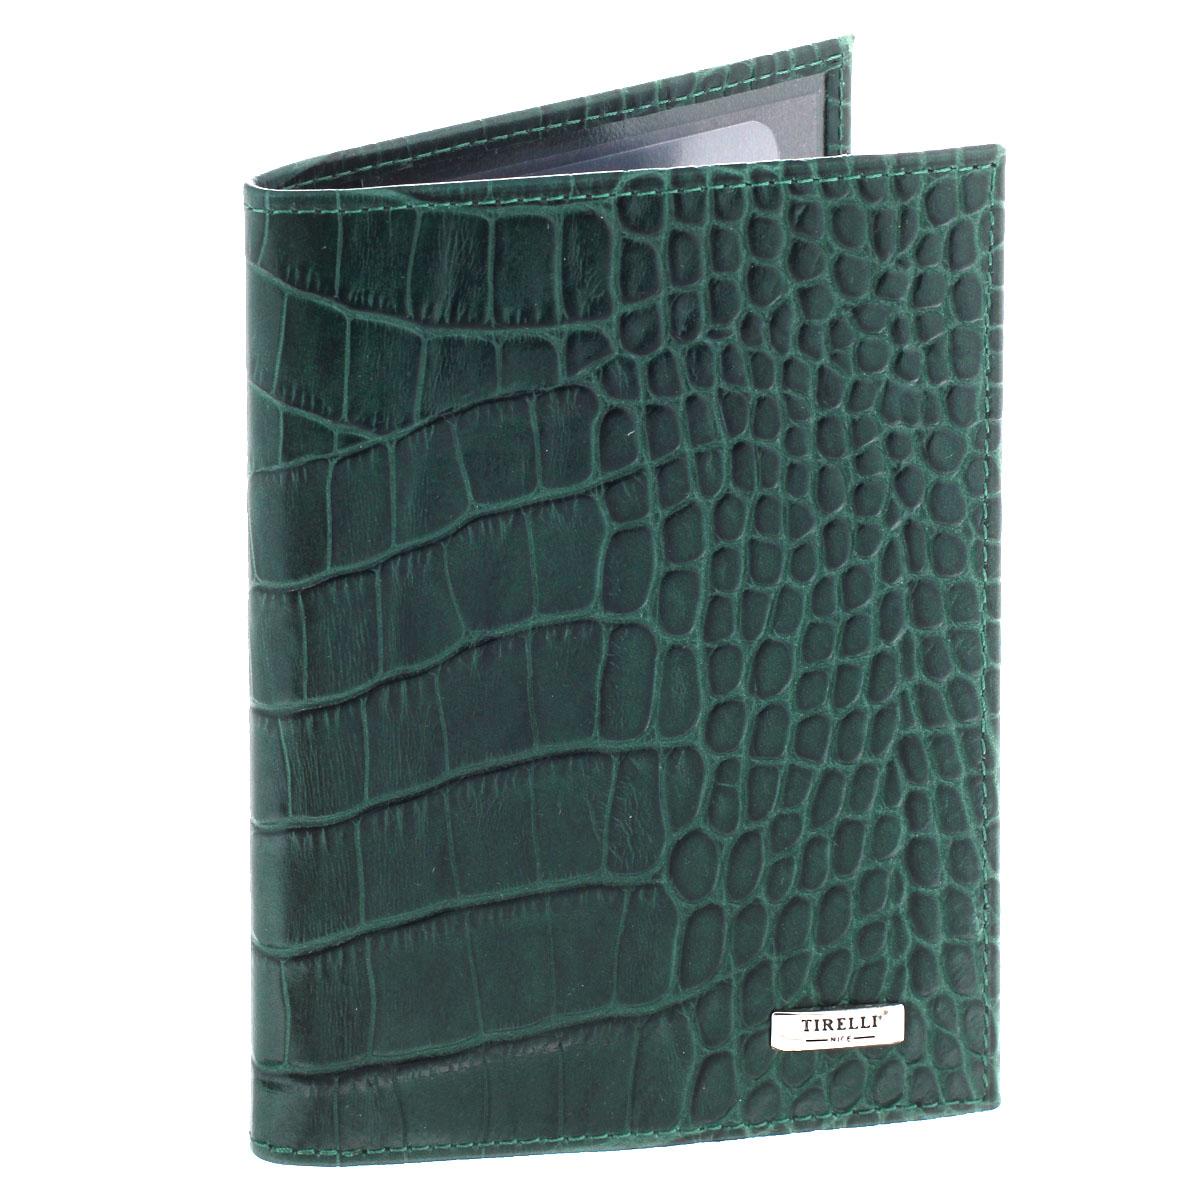 Бумажник водителя Tirelli Кроко, цвет: зеленый. BV-5/15-302-20BV-5/15-302-20Бумажник водителя Tirelli Кроко изготовлен из натуральной высококачественной кожи и декорирован тиснением под рептилию. На лицевой стороне изделие оформлено небольшой металлической пластиной с гравировкой Tirelli. Внутри содержится съемный блок из 6 пластиковых файлов (один из которых формата A5) для автодокументов, а также два прозрачных боковых кармана. Изделие упаковано в фирменную коробку. Такой бумажник не только защитит ваши документы, но и станет стильным аксессуаром, который прекрасно дополнит образ.